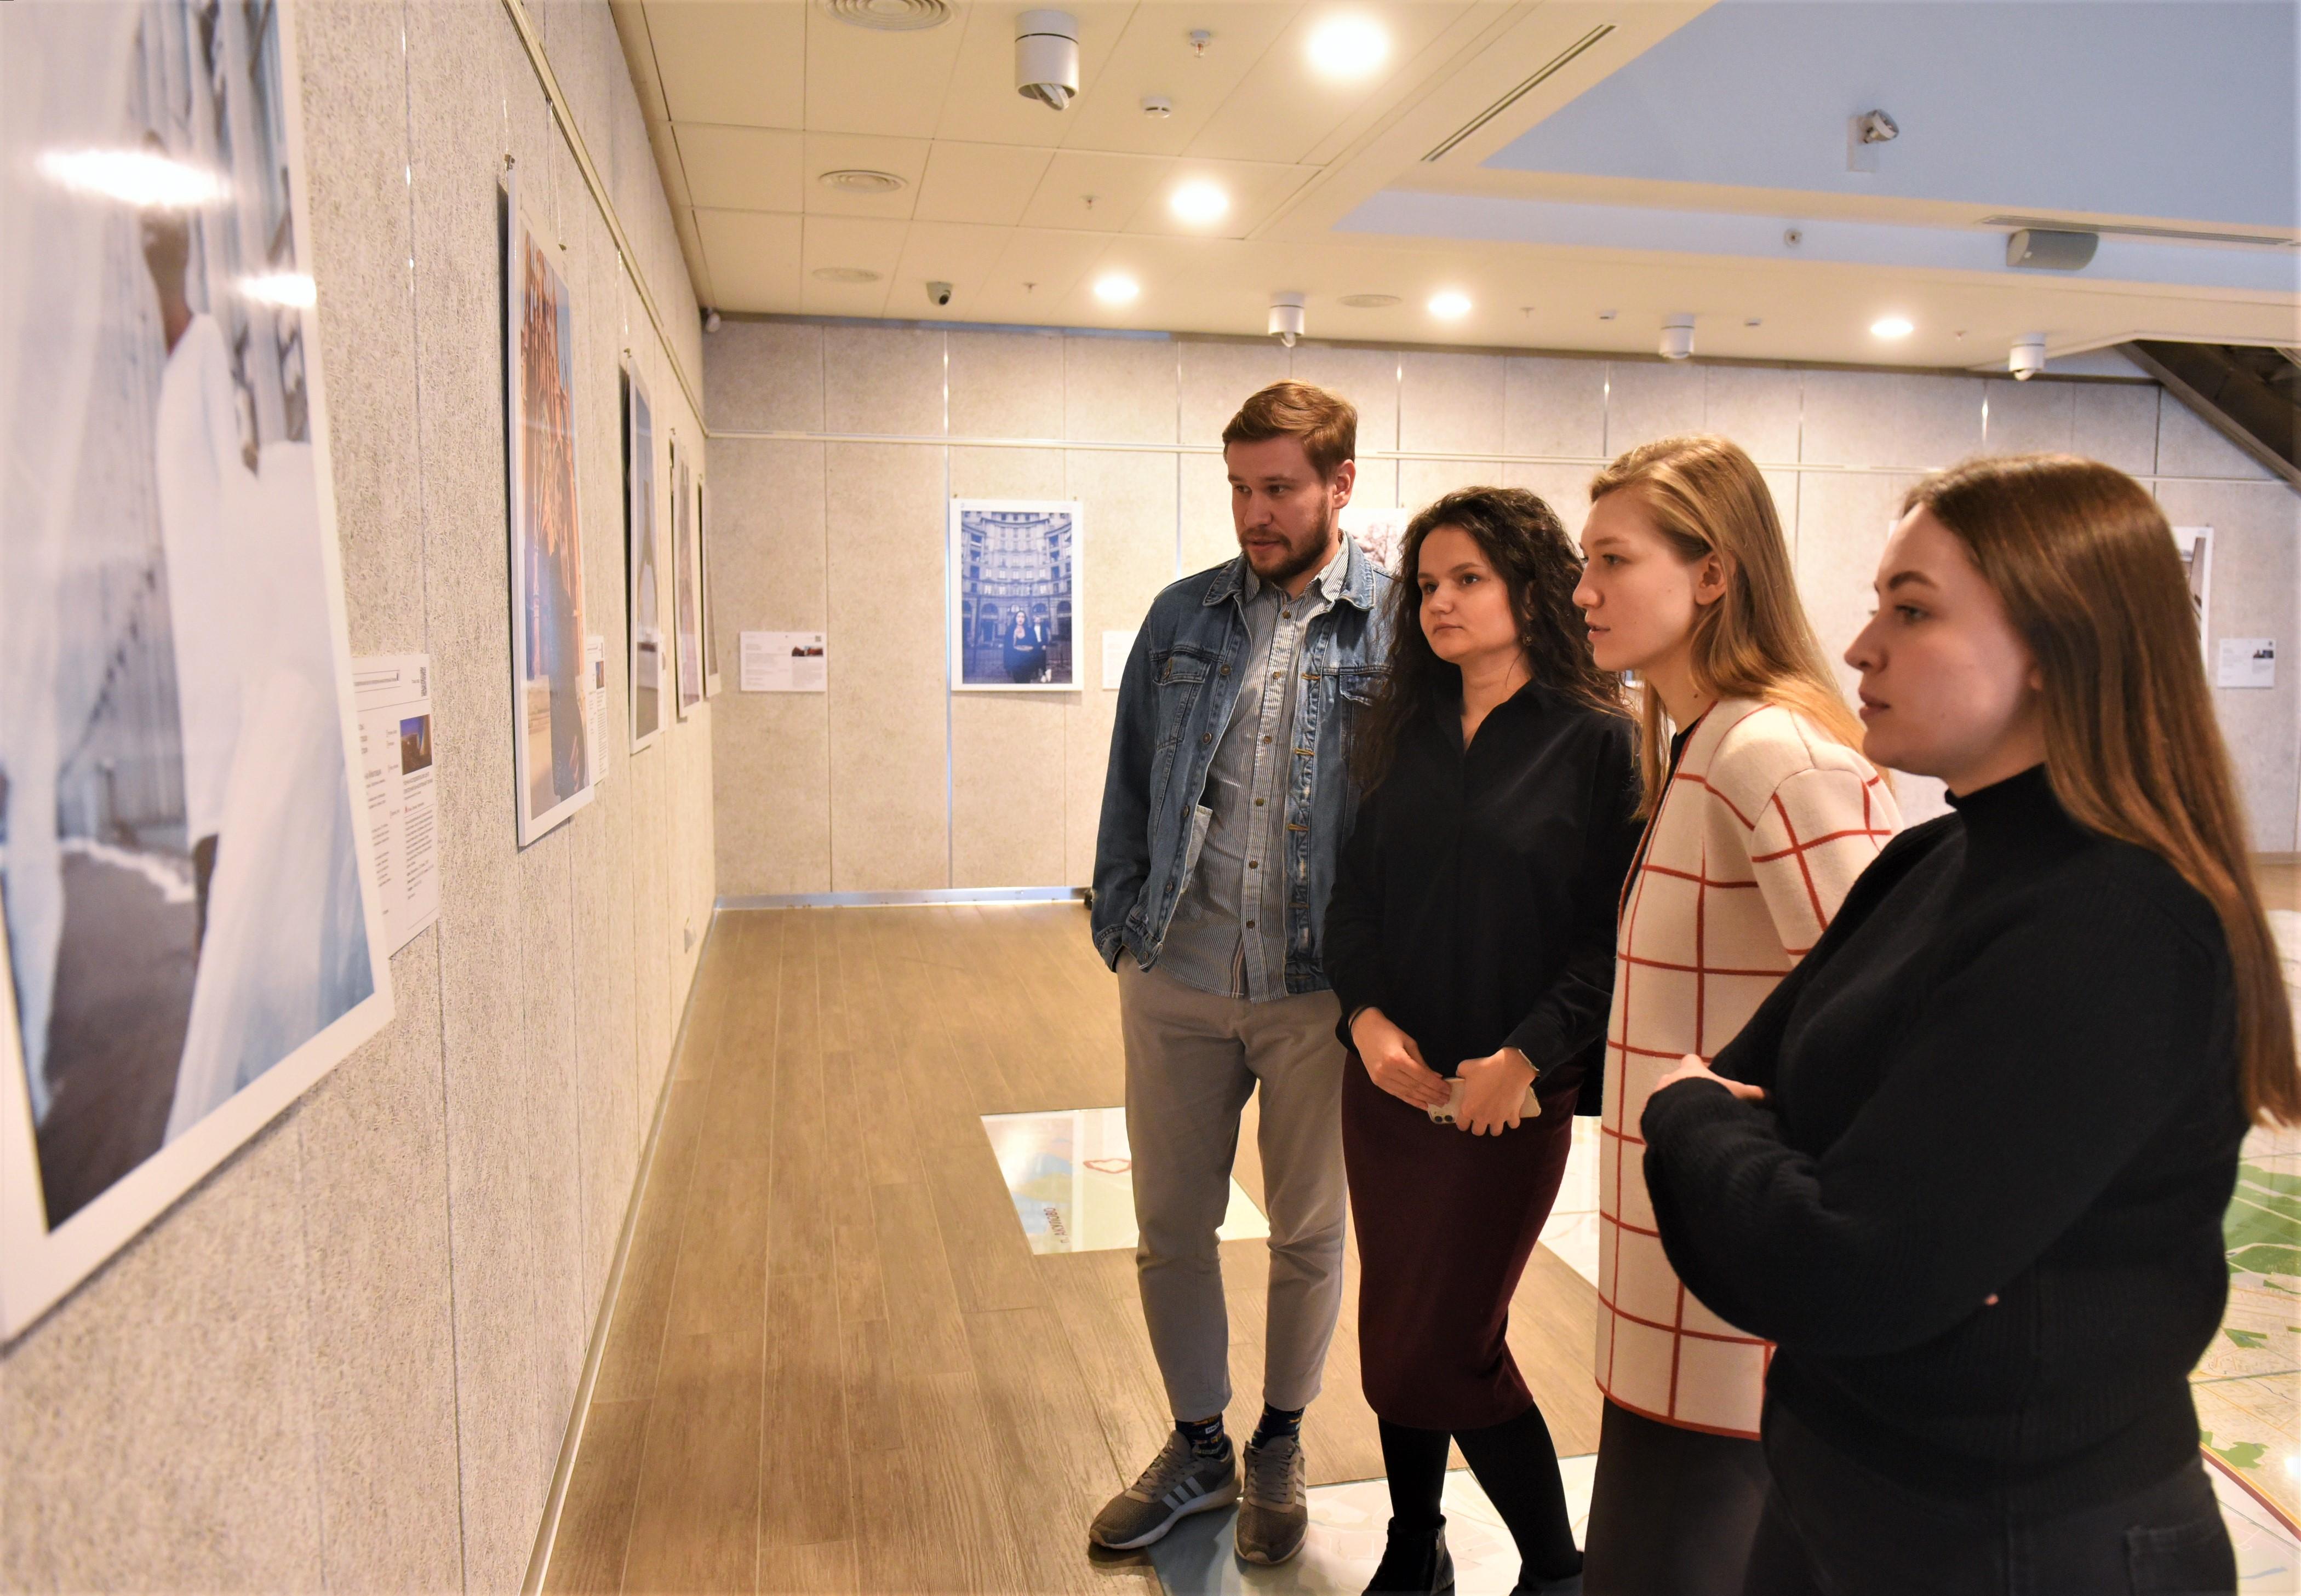 Зуд мудрости и Дети абсурда: выставки карикатуриста открыли в «Варшавке»